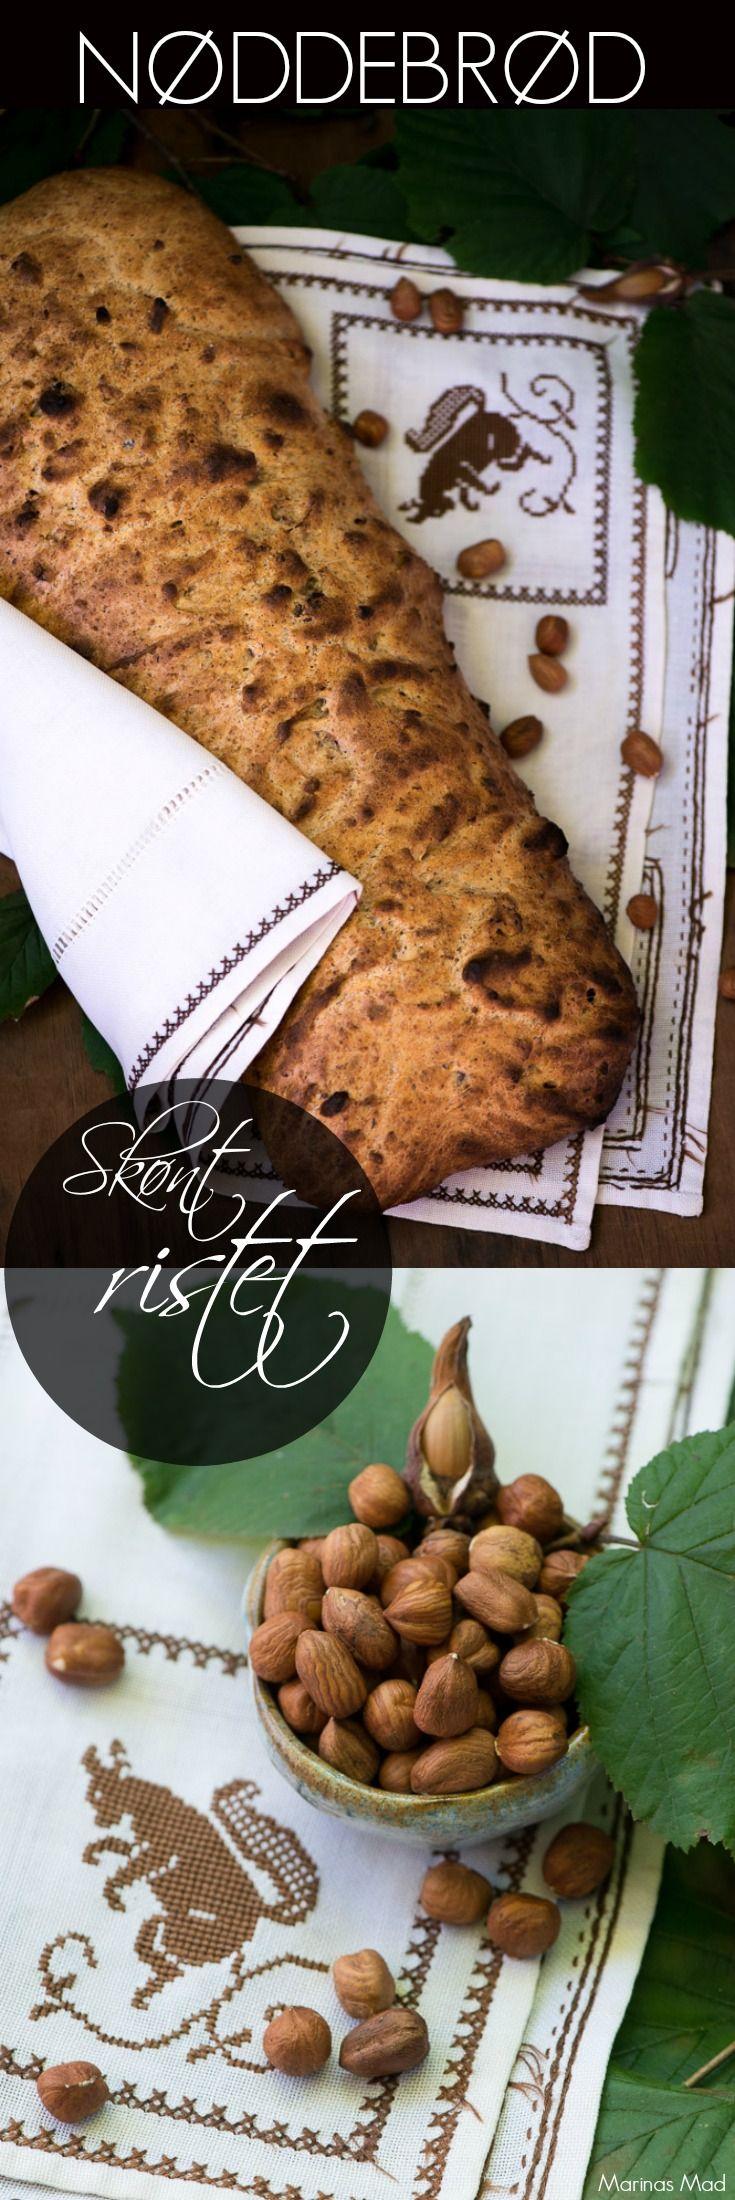 Opskrift på lækkert brød med hasselnødder. Dejligt friskbagt. Perfekt ristet i dagene efter. Opskrift fra Marinas Mad.